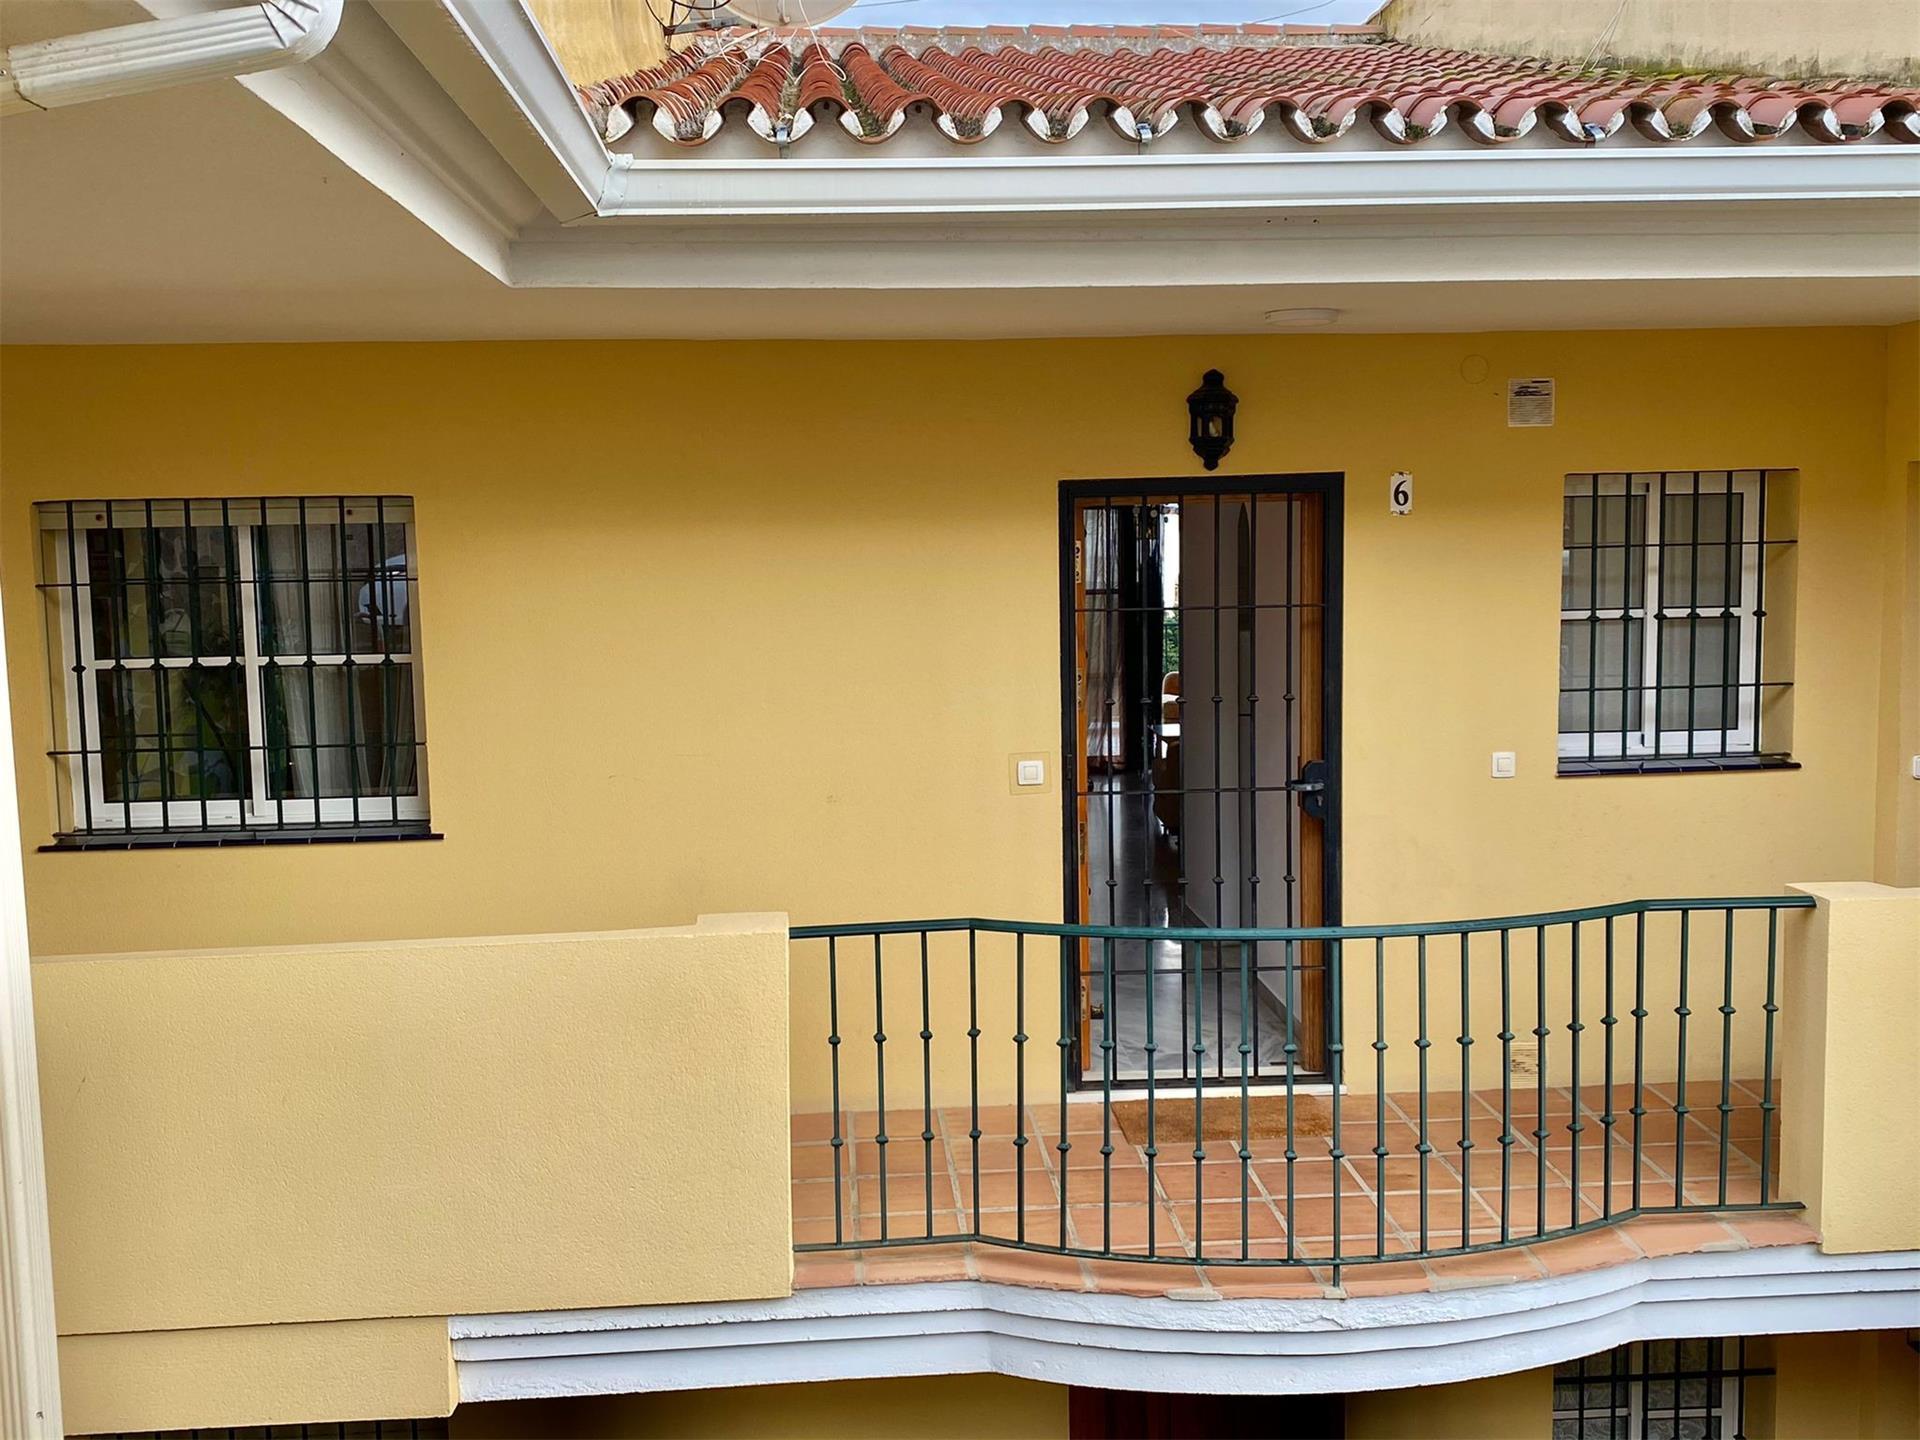 Piso de alquiler en Calle de Mijas de el Faro, 271 El Faro de Calaburra - Chaparral (Mijas, Málaga)